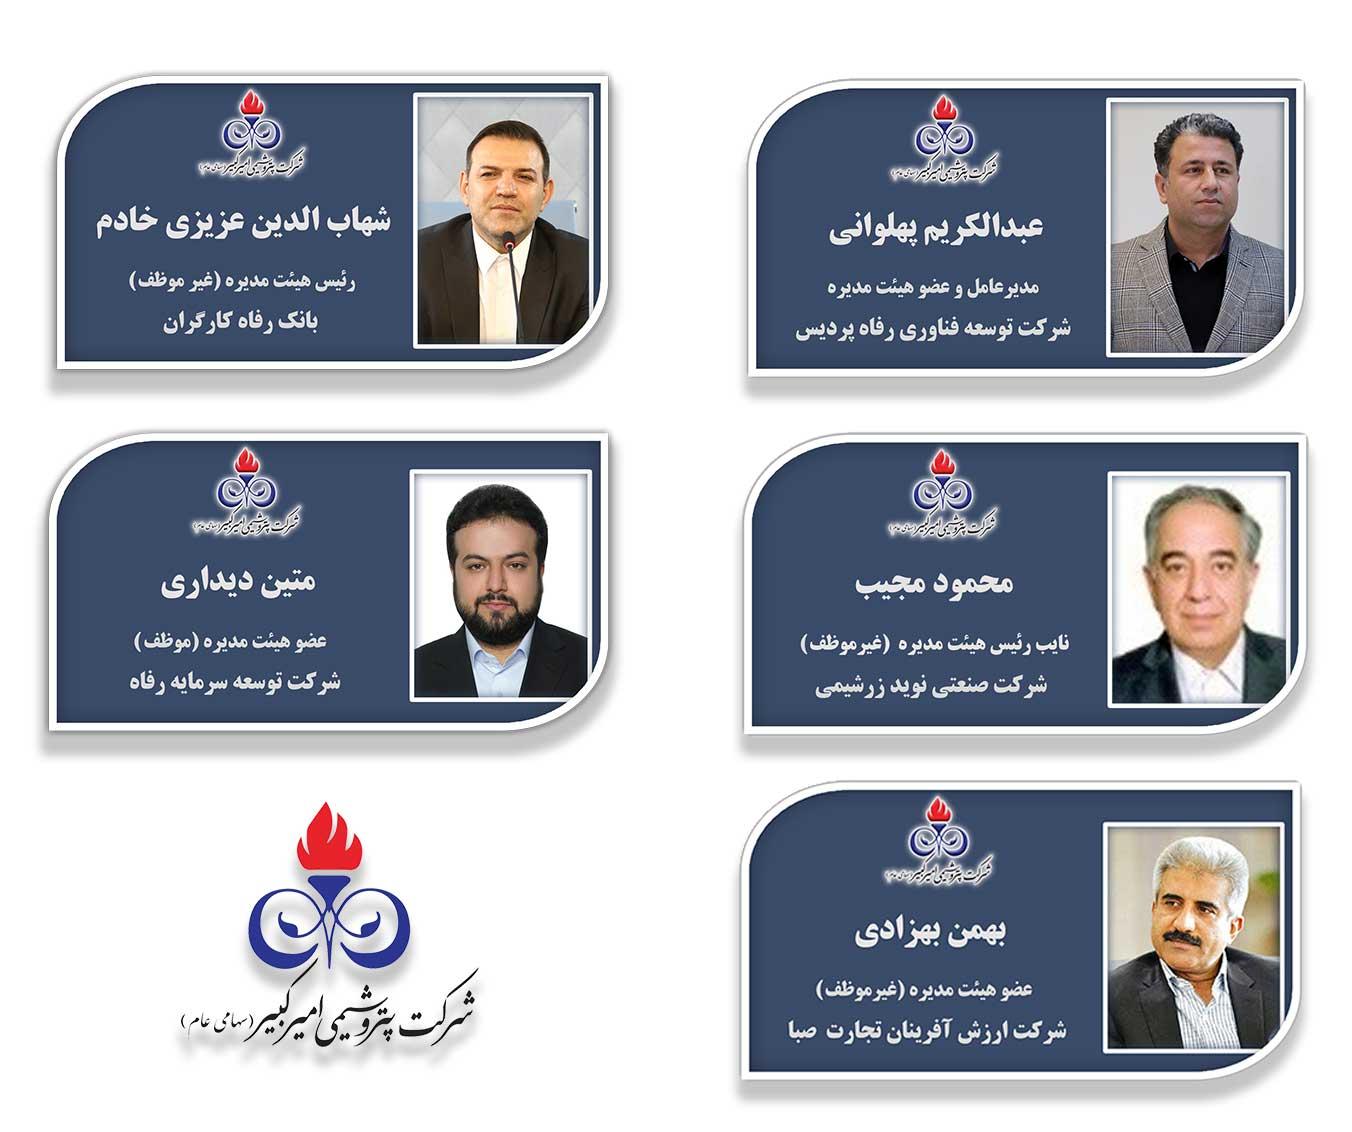 پتروشیمی_عزیزی_خادم (2)